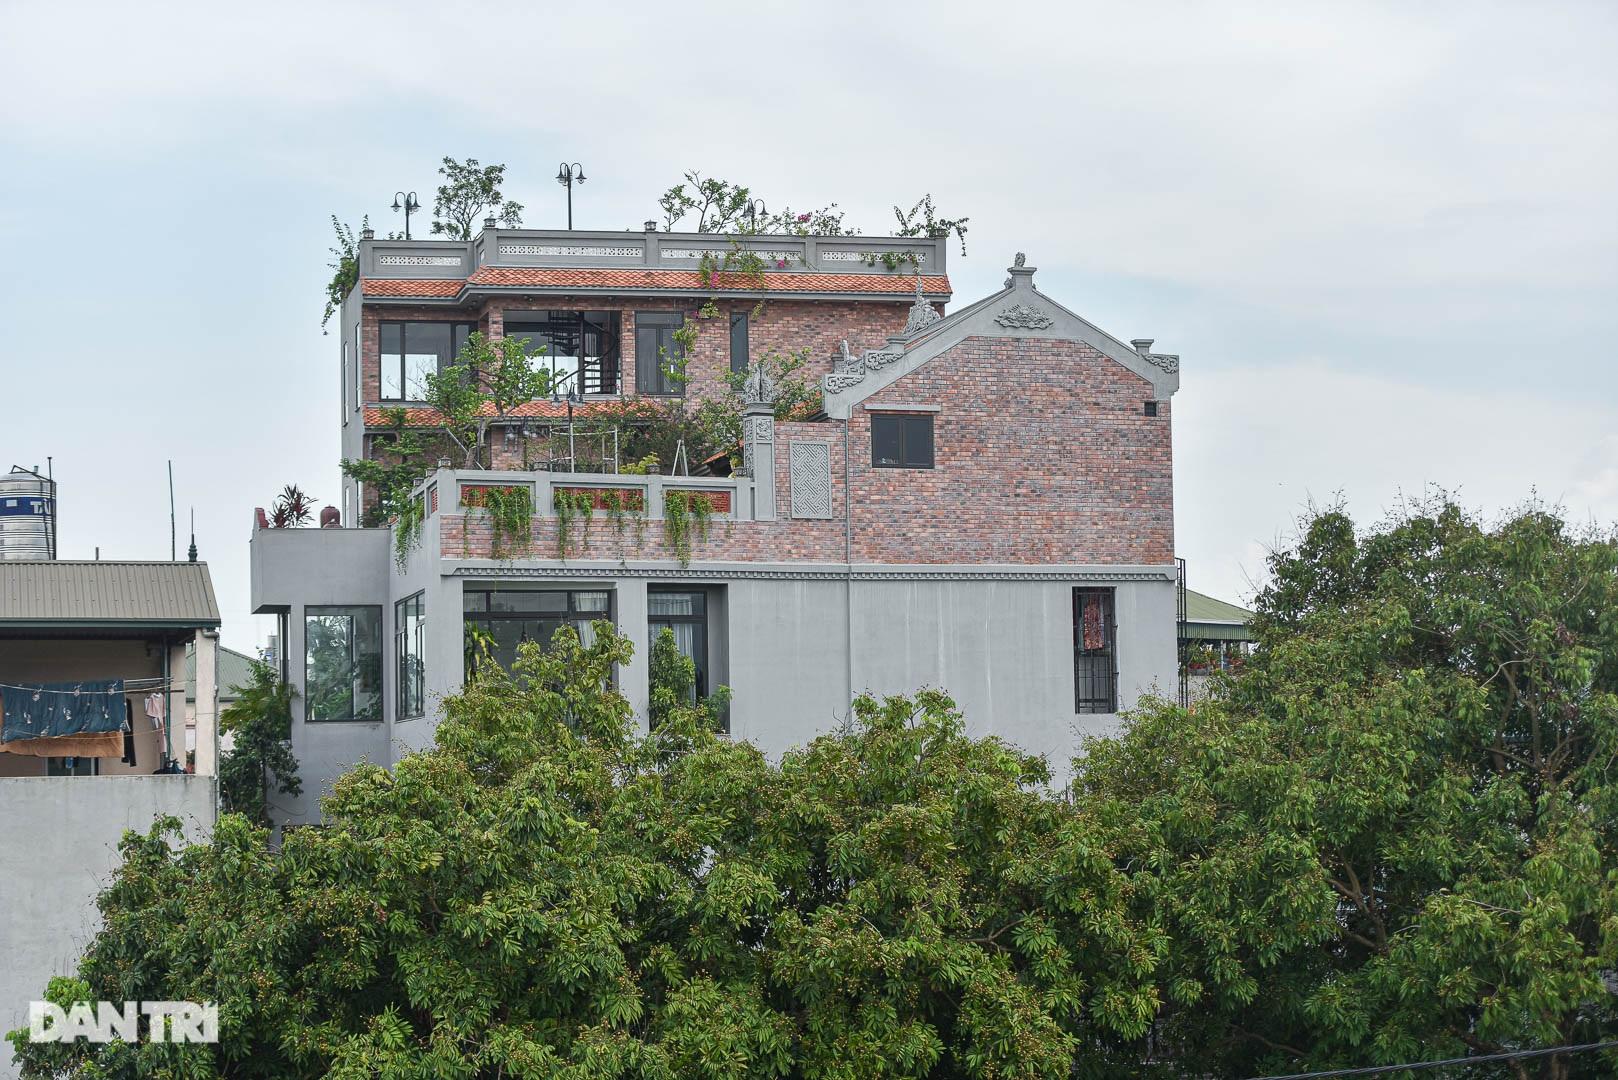 Độc đáo ngôi nhà cổ trăm tuổi rộng 100m2 tọa lạc trên nóc biệt thự ở Hà Nội - 8